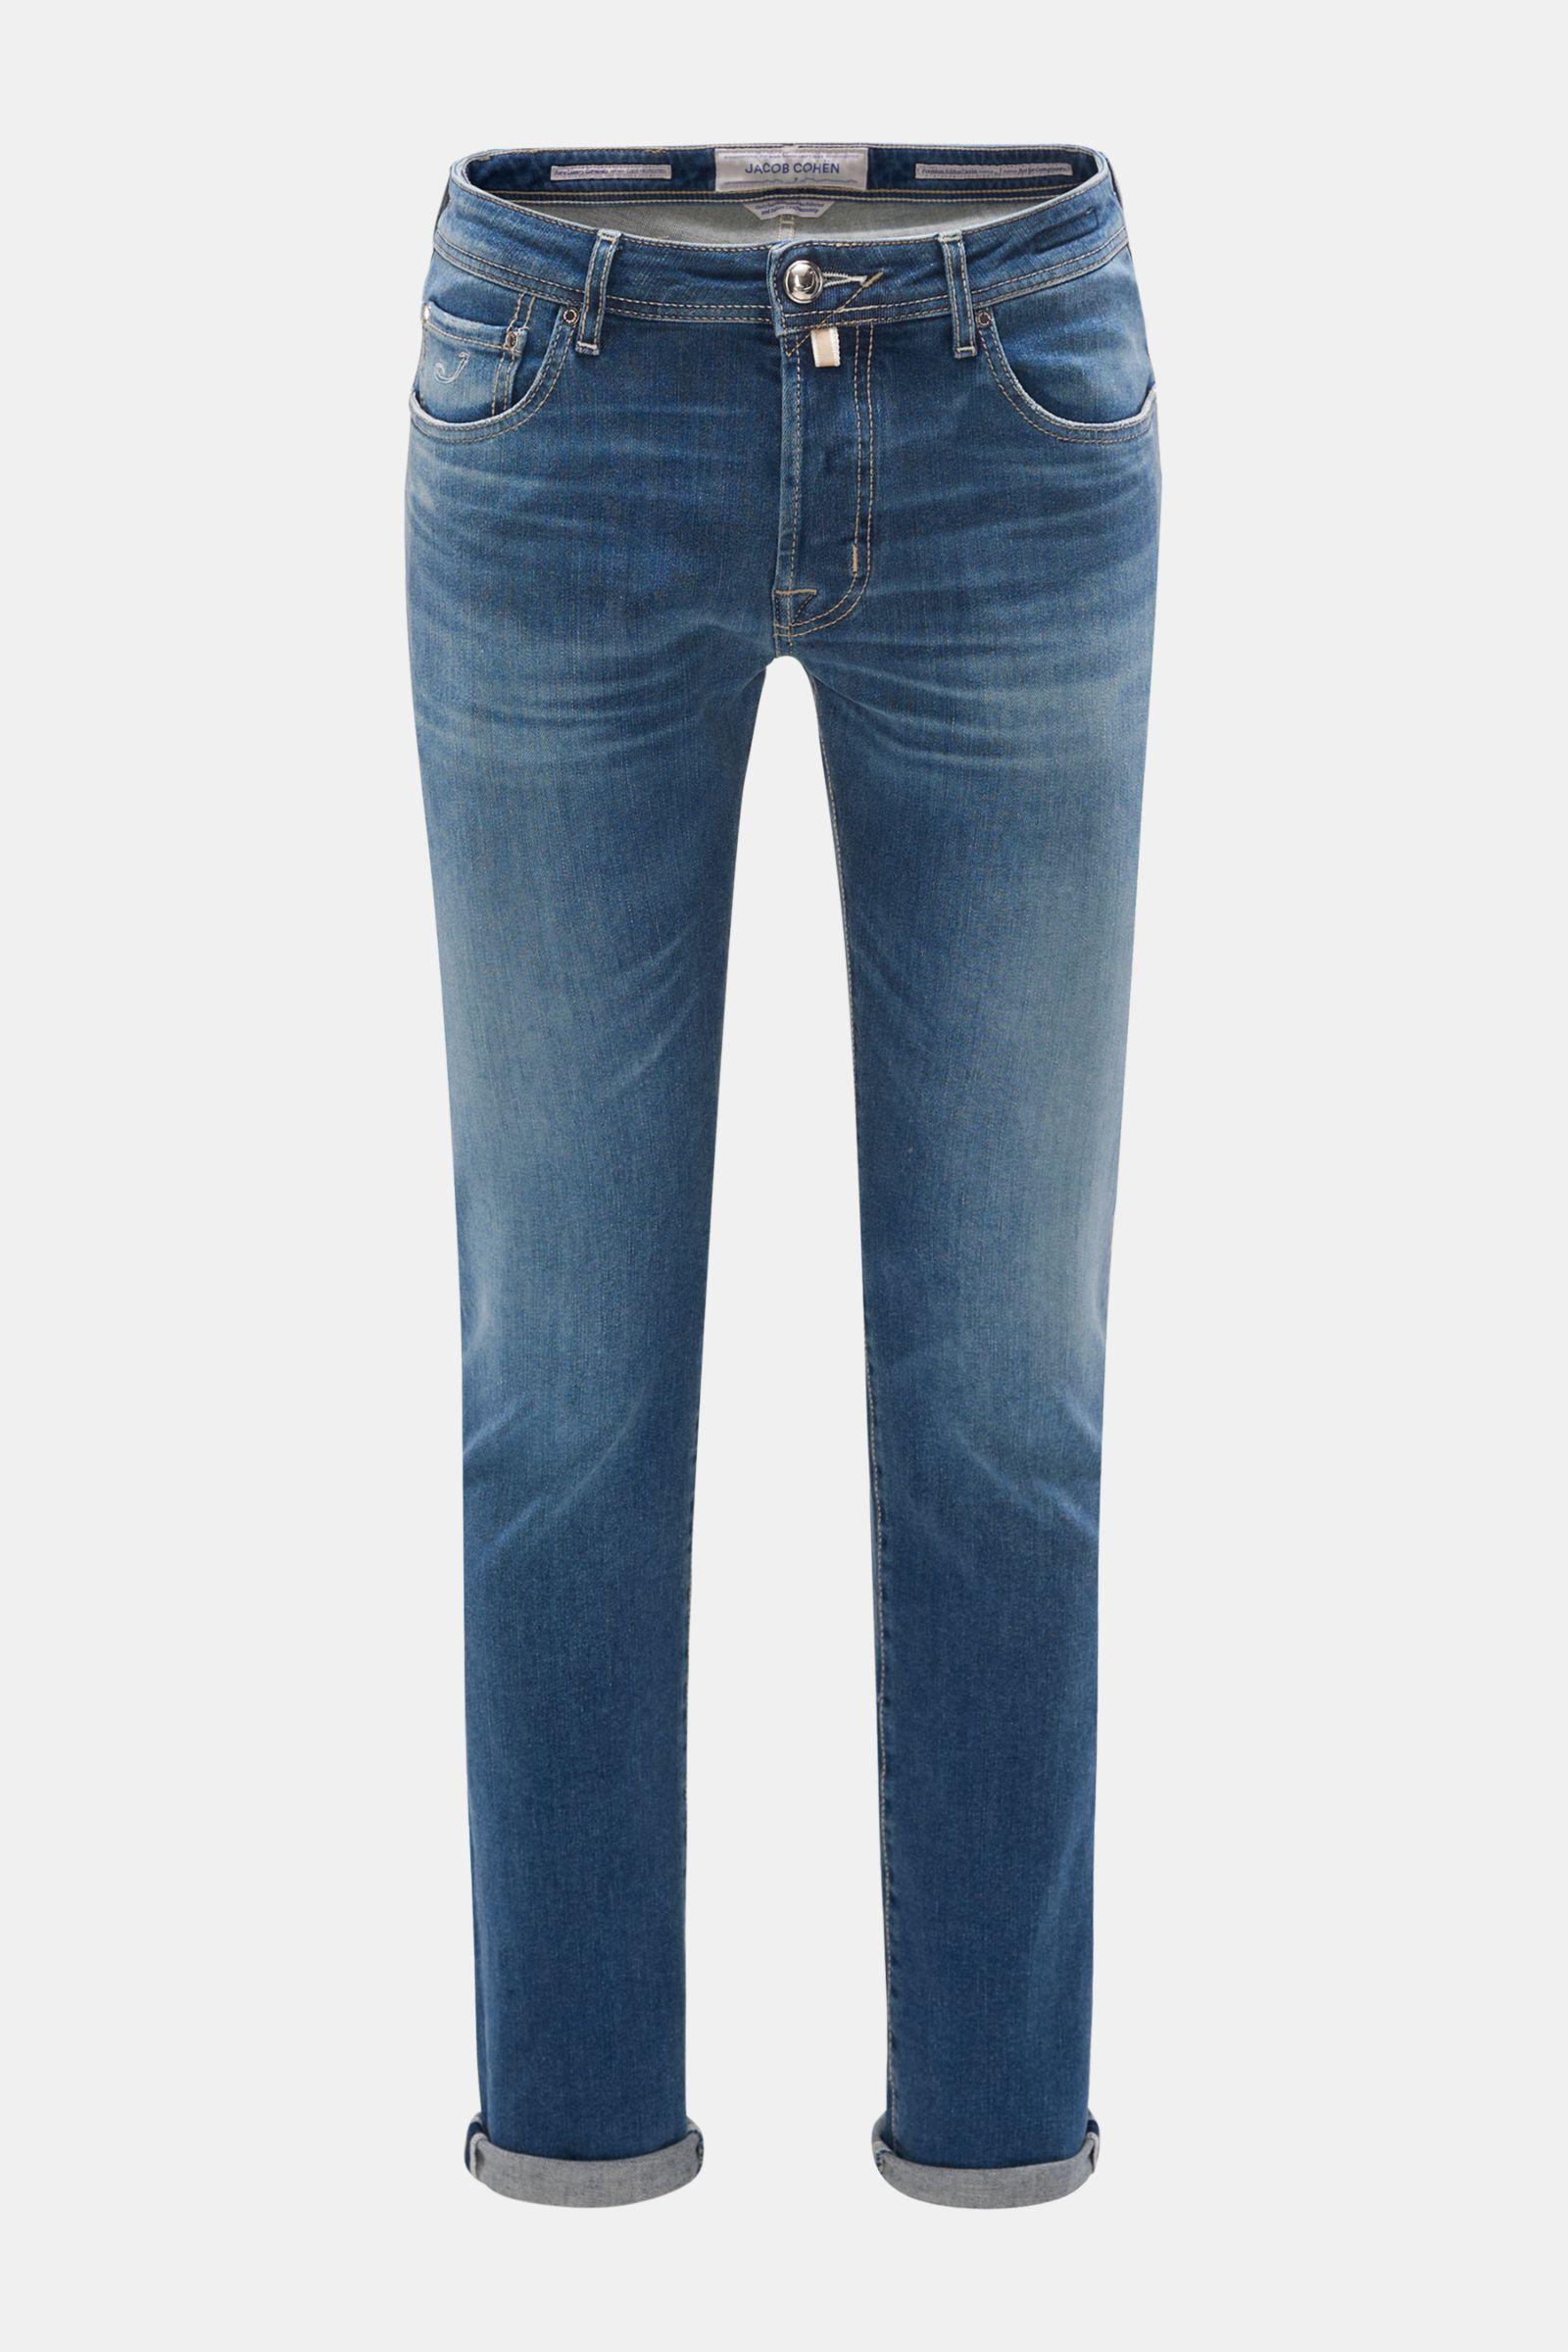 Jeans 'J688 Comfort Slim Fit' rauchblau